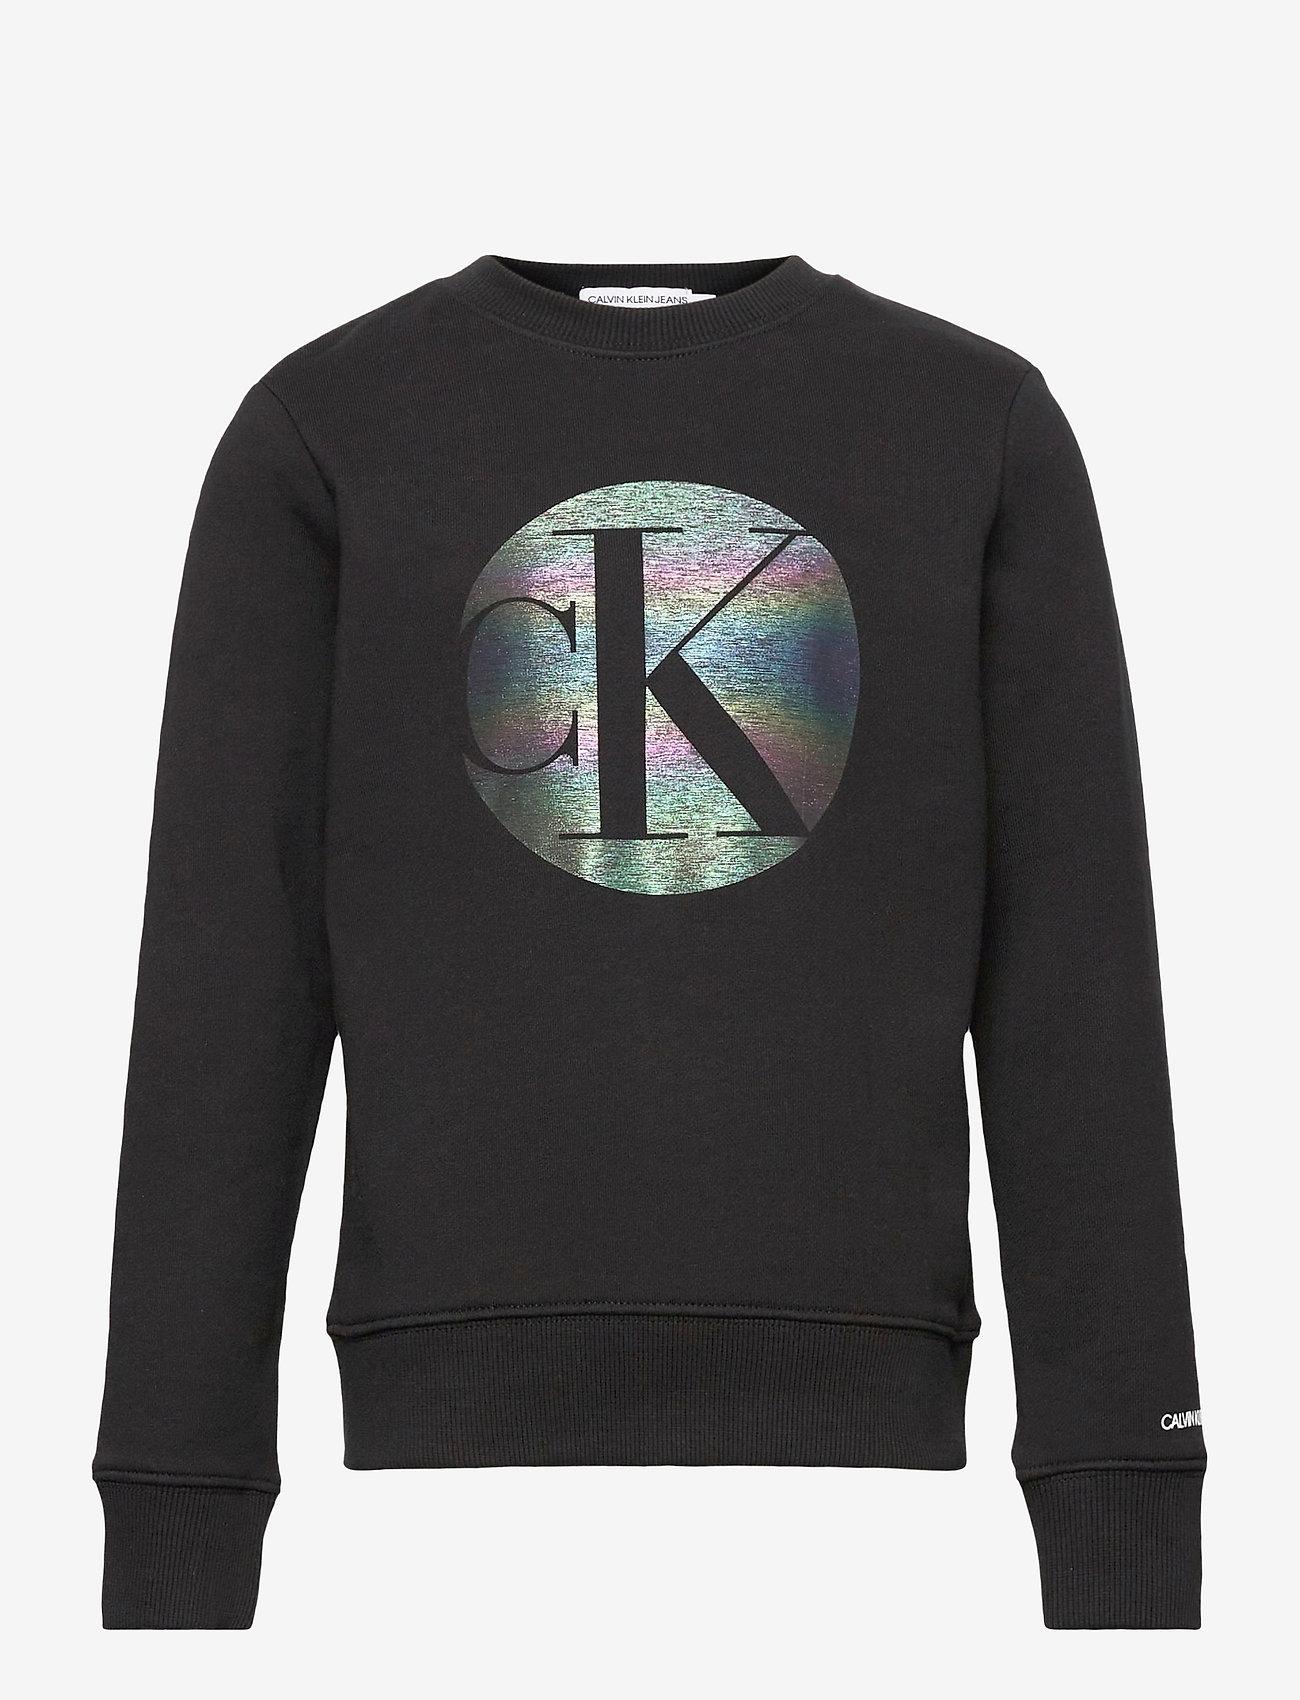 Calvin Klein - CIRCLE MONOGRAM SWEATSHIRT - sweatshirts - ck black - 0